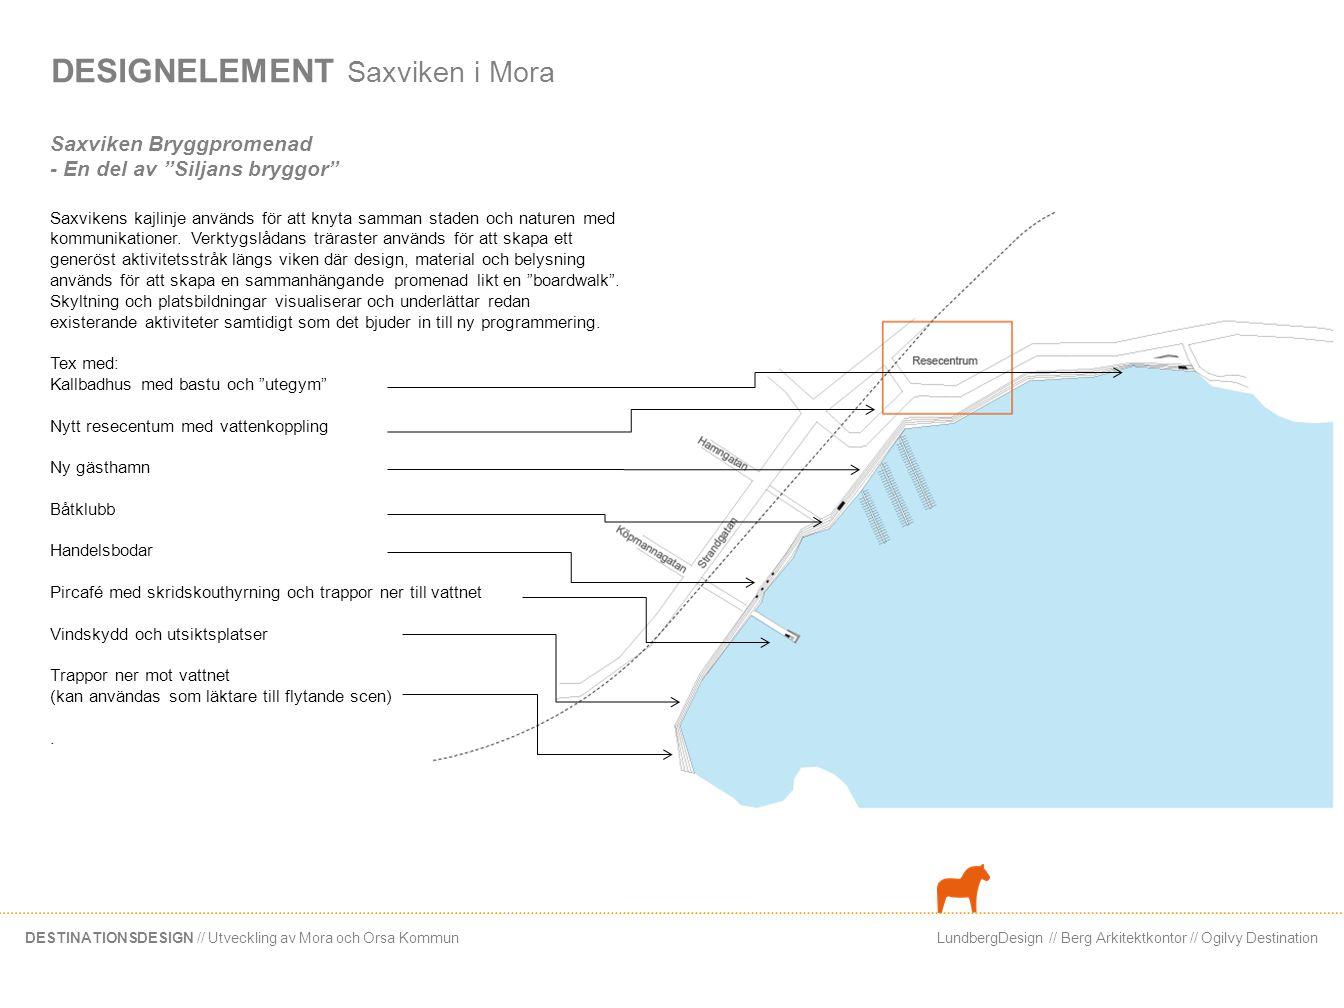 DESIGNELEMENT Saxviken i Mora